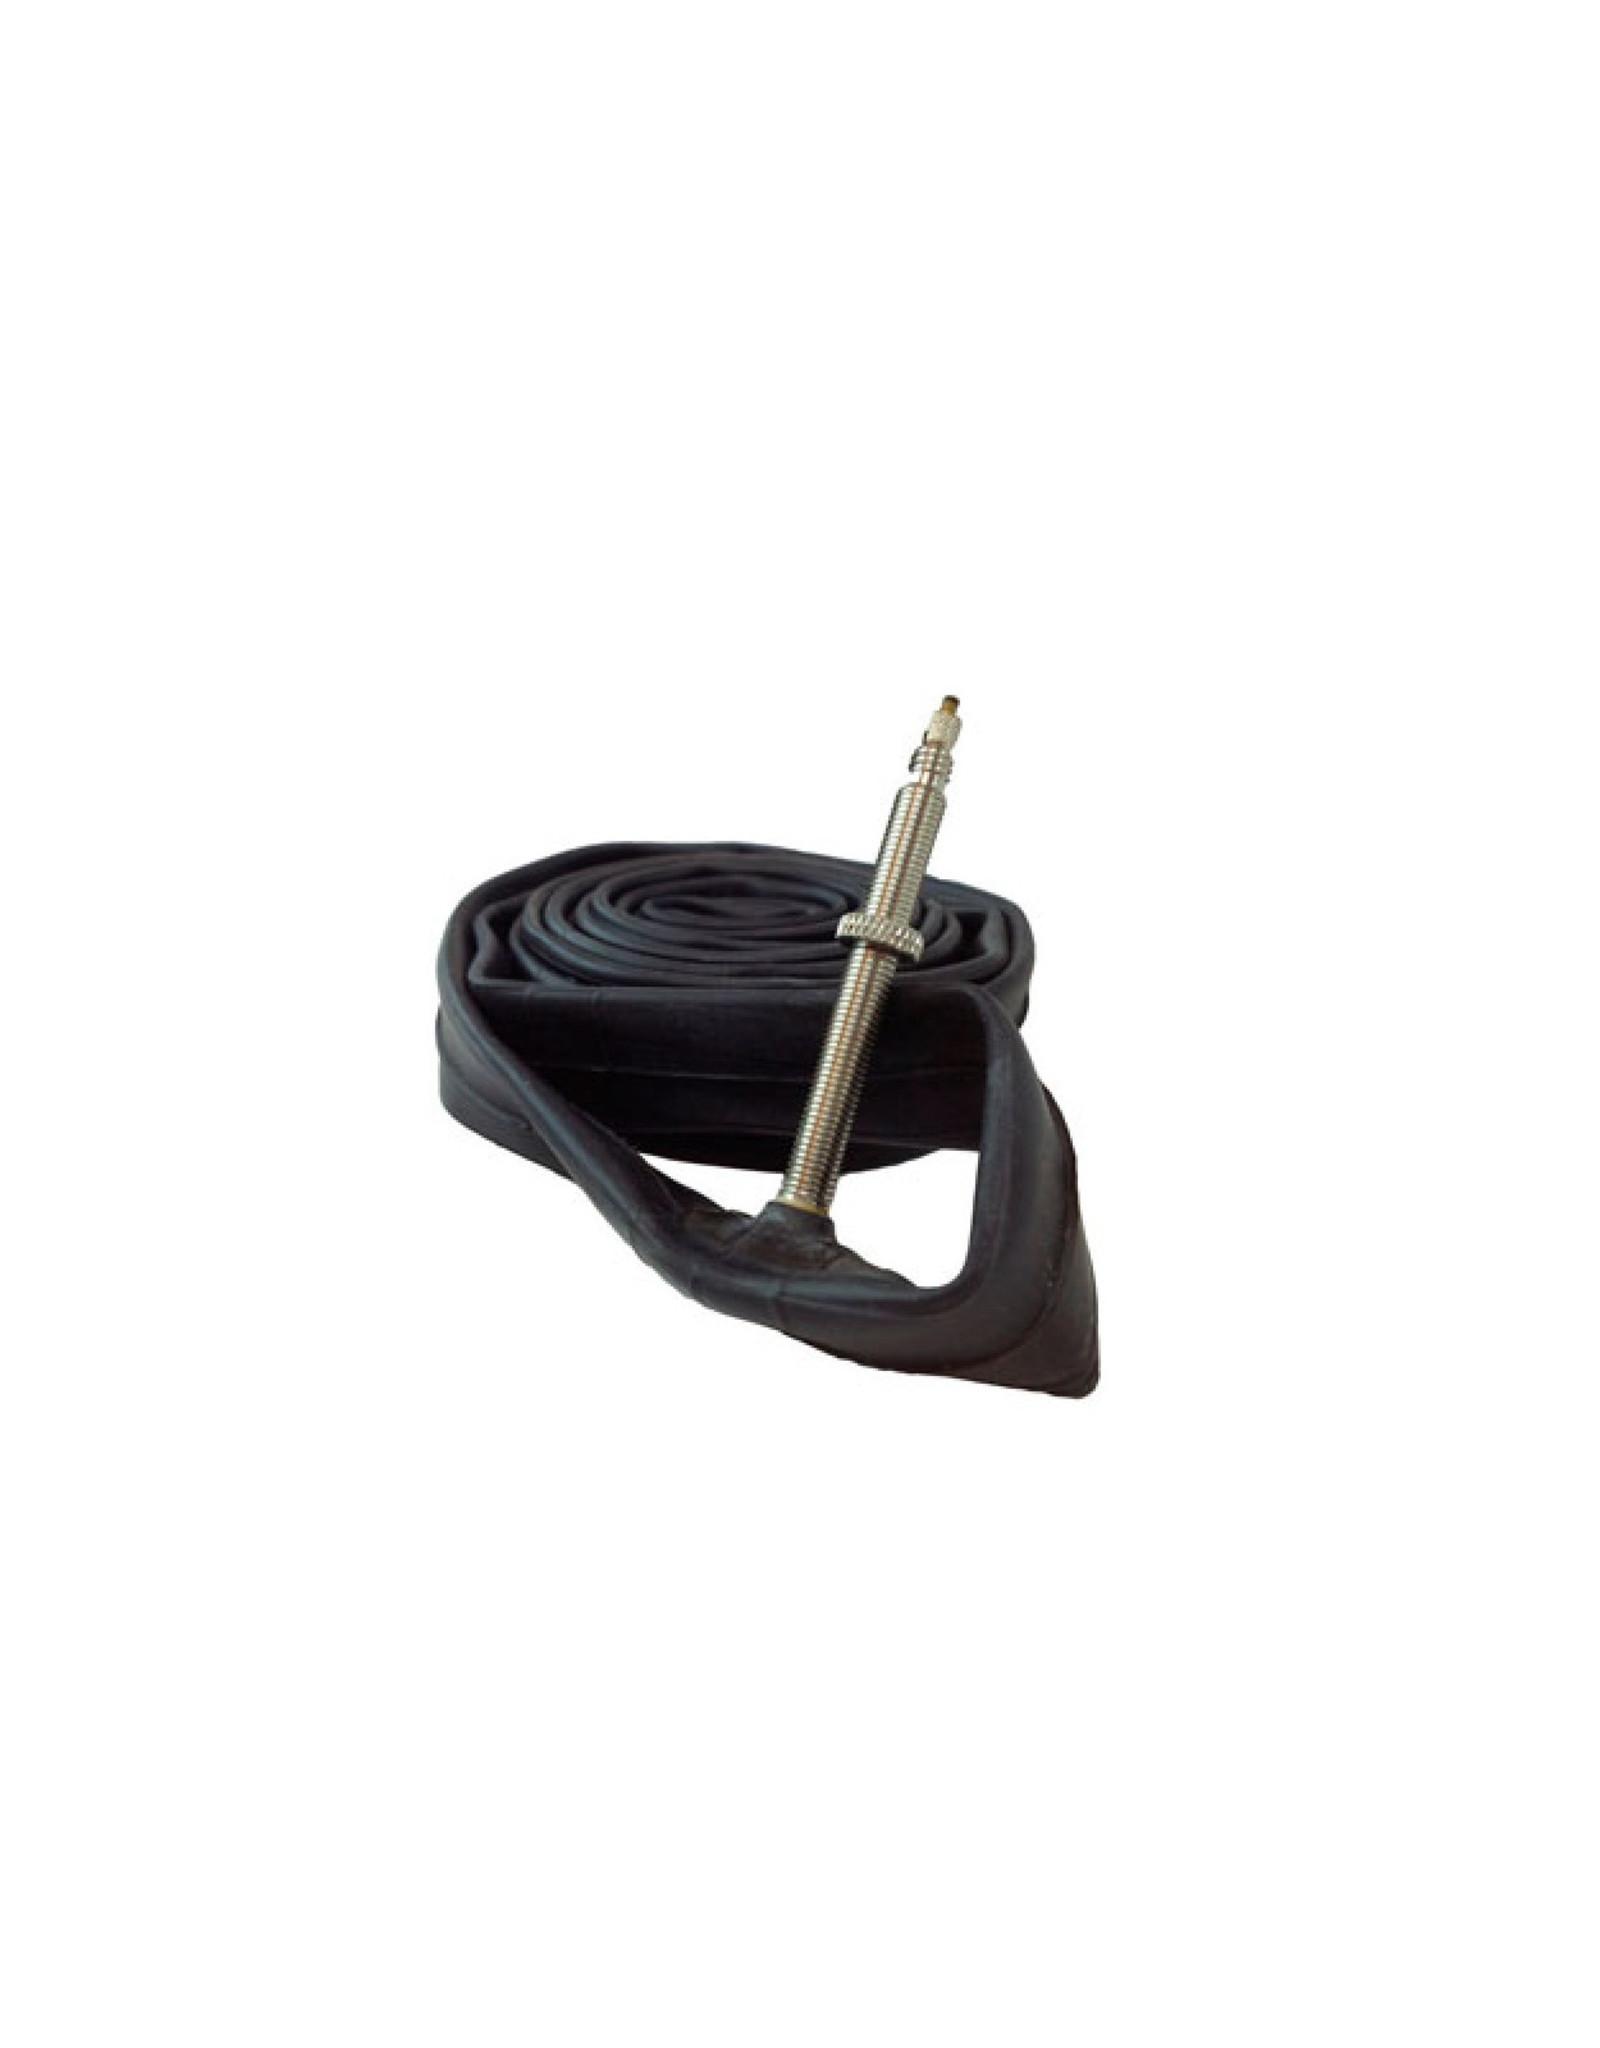 Evo EVO, SV, Chambre a air, Schrader, Longueur: 35mm, 14'', 1.75-2.125